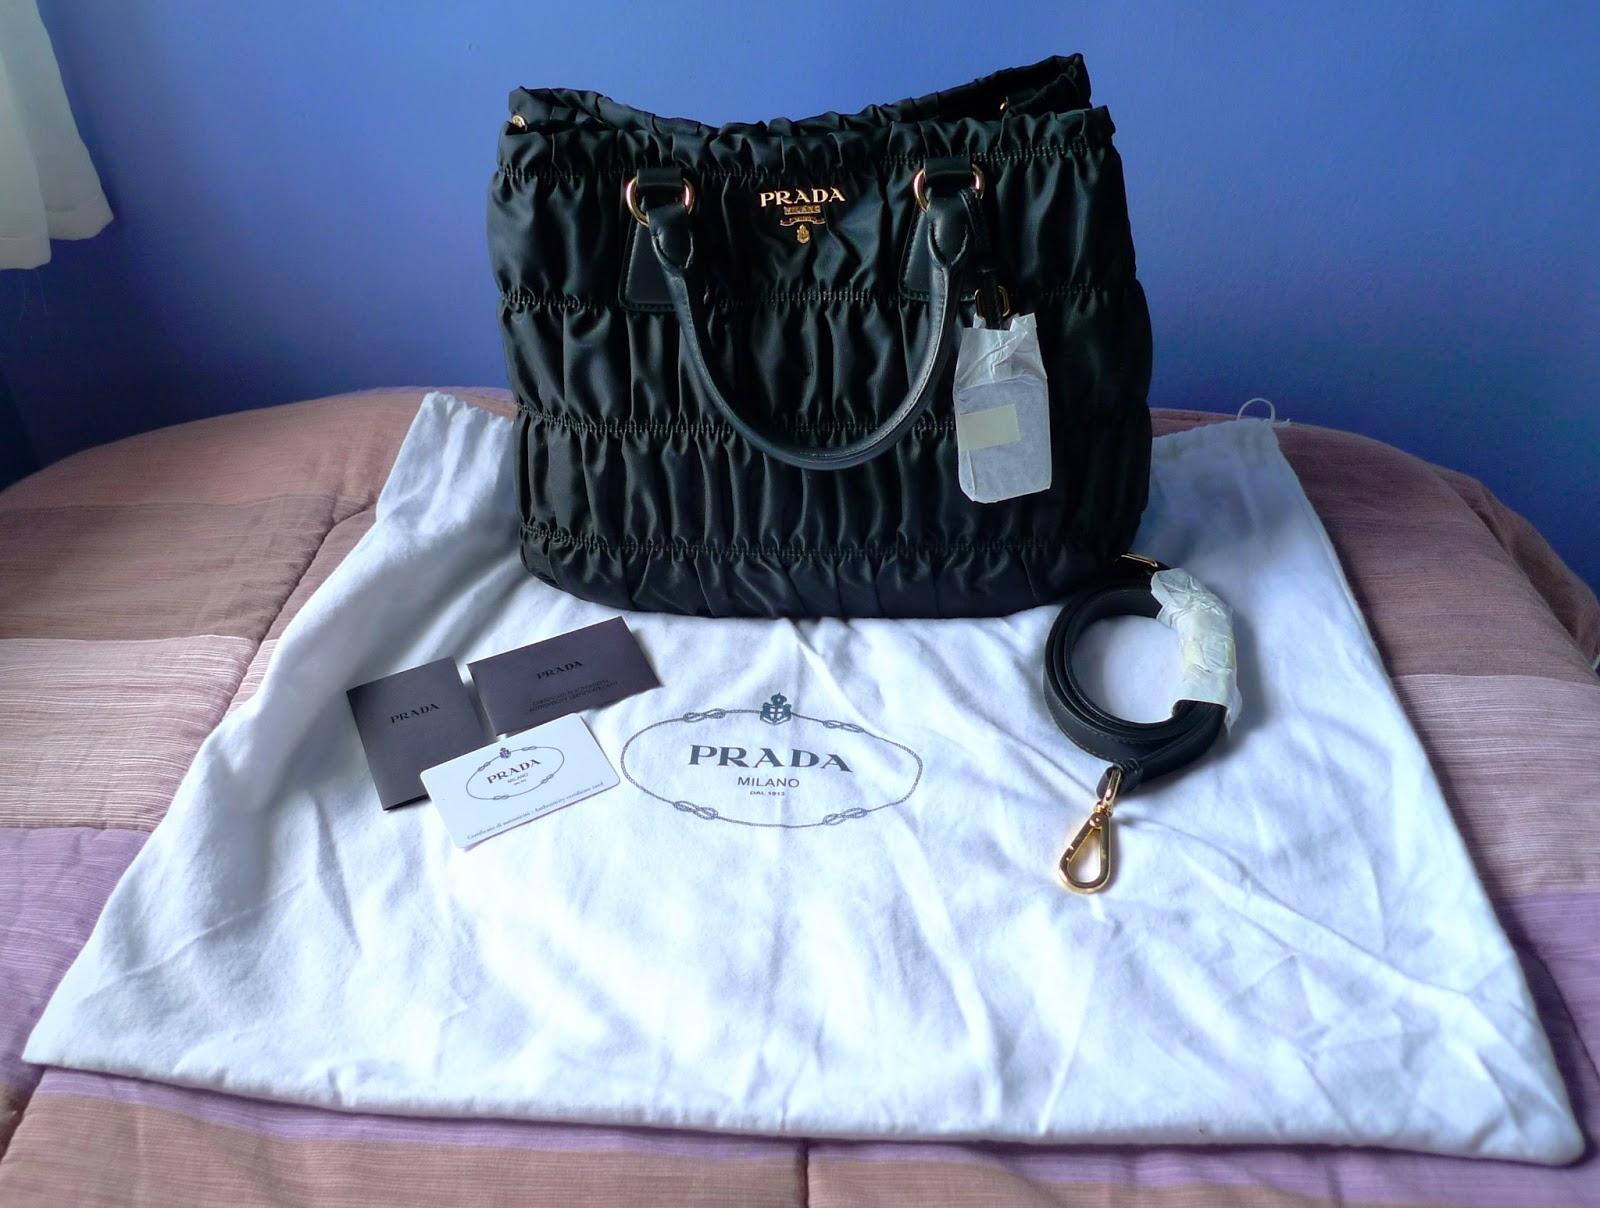 prada new arrival handbags - Bag Review: Prada Tessuto Gaufre' BN1789M+Authenticate Your Prada ...